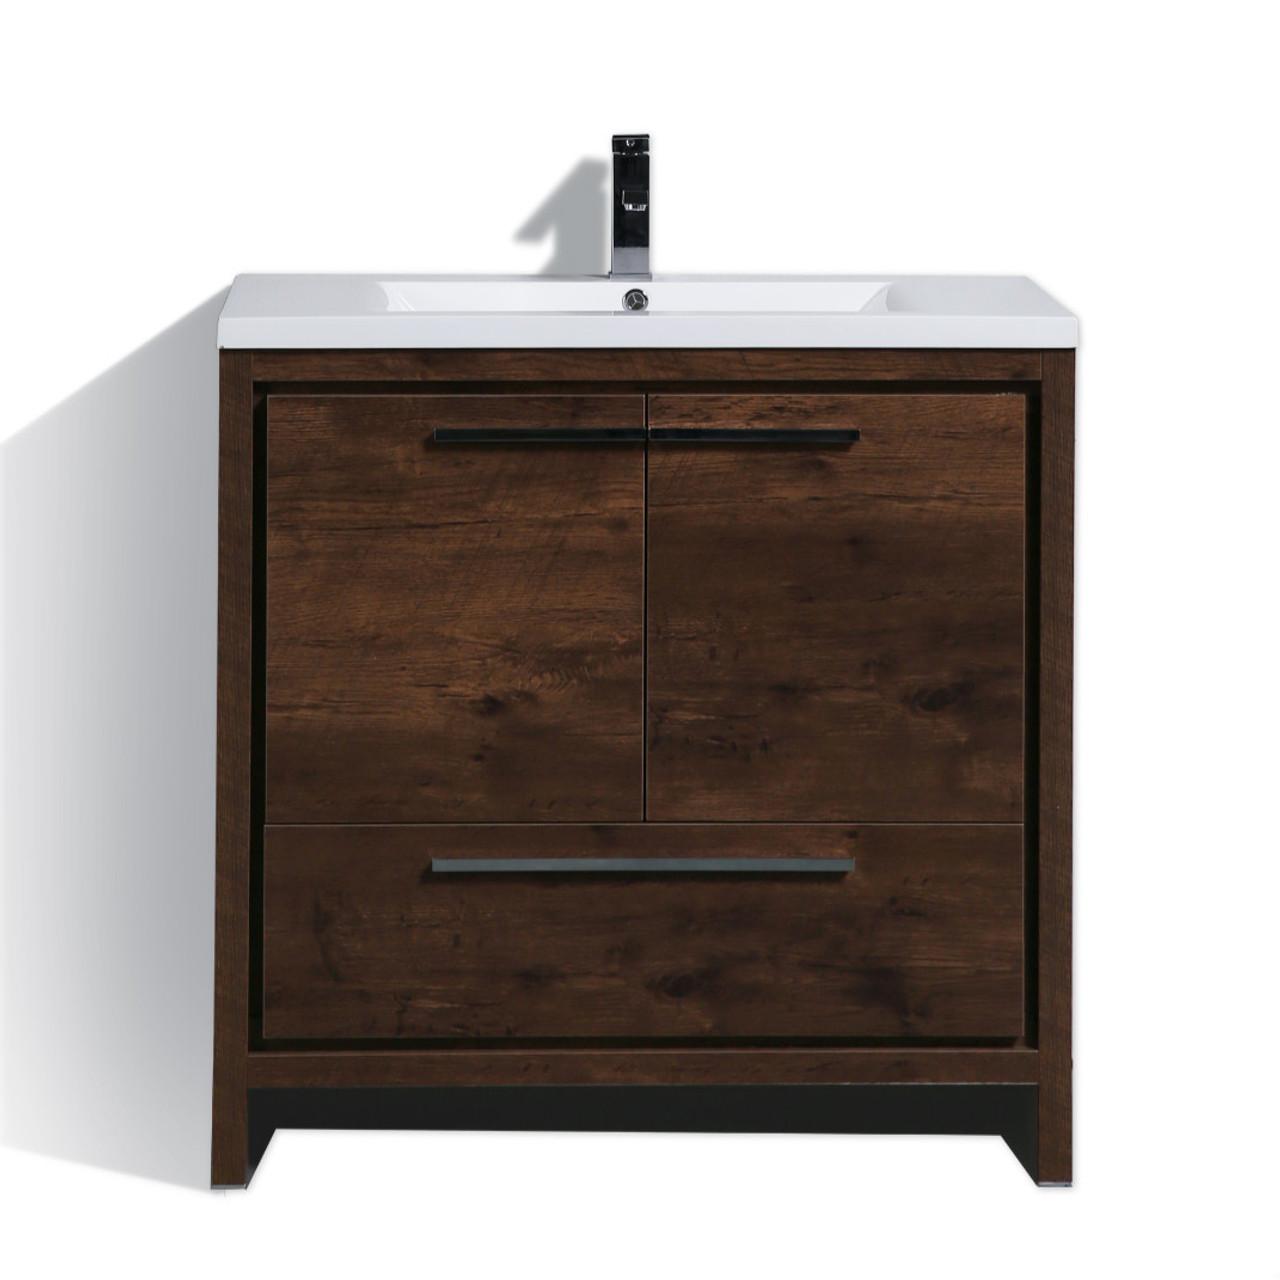 Dolce 36 Rose Wood Modern Bathroom Vanity And Acrylic Sink Bathroom Vanities Wholesale Inc